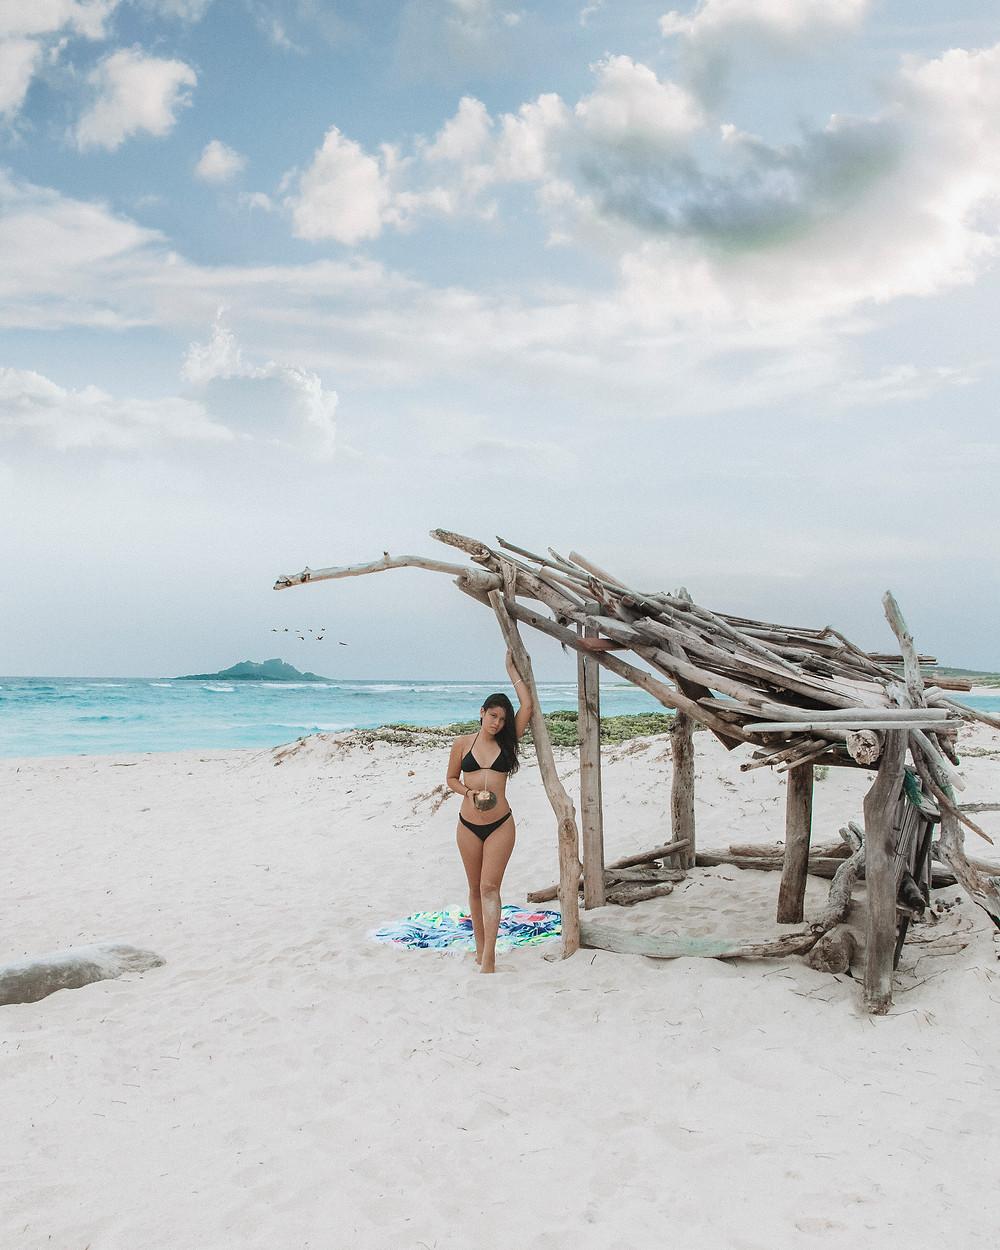 island girl @shadee